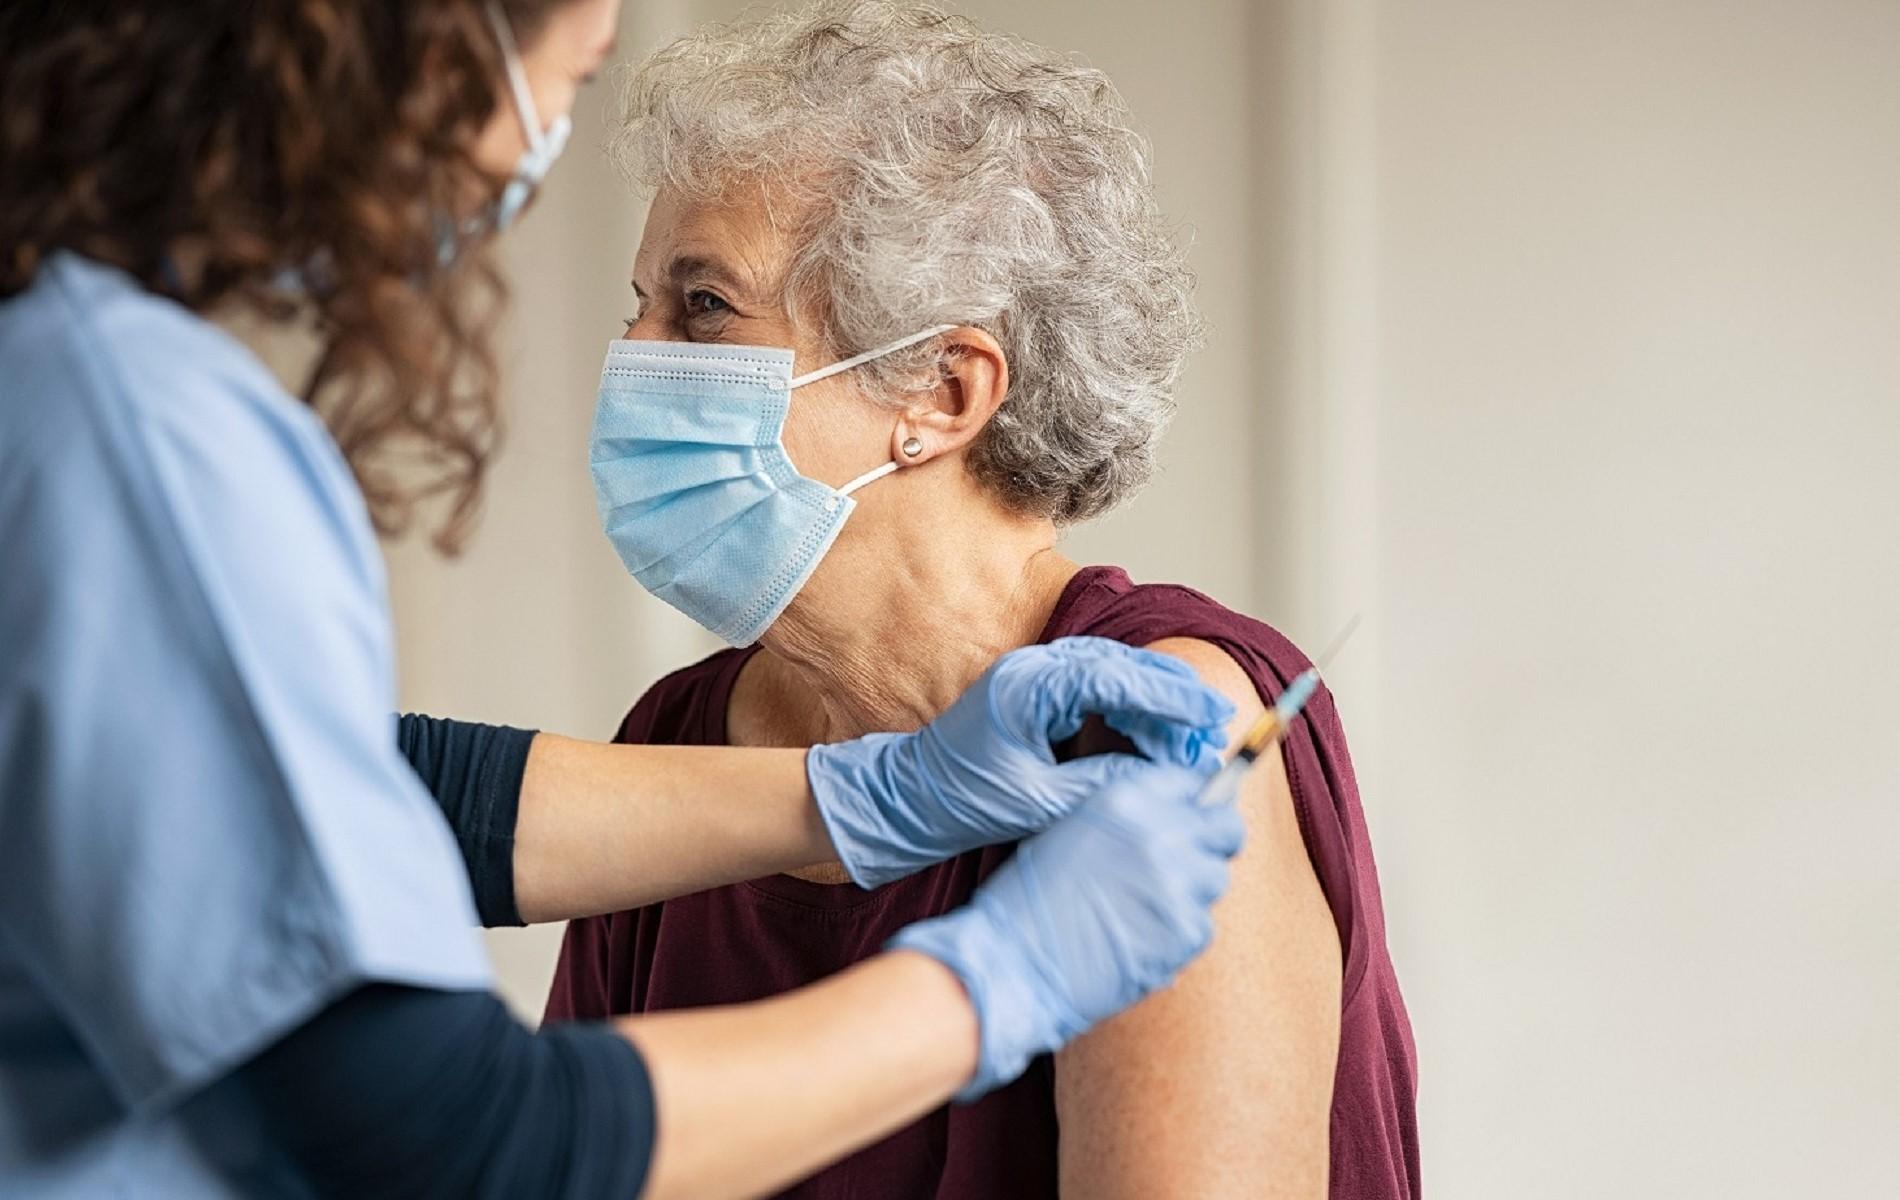 Impfzentren in Deutschland: Eindämmung der Corona-Pandemie (Foto: Rido, Adobe Stock)